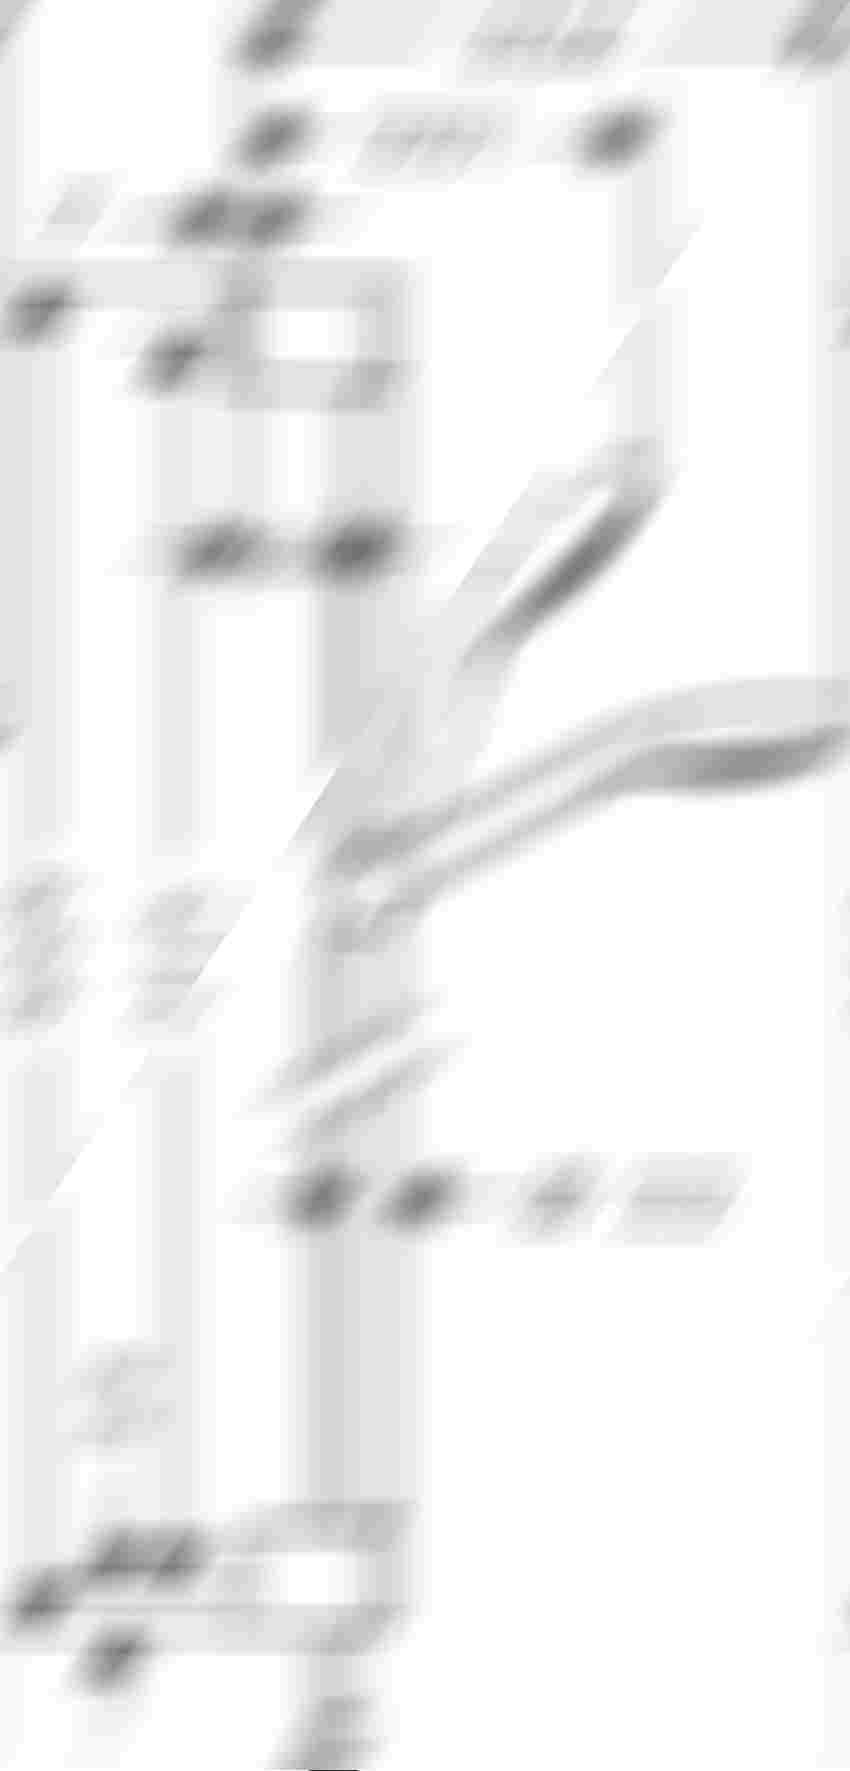 Zestaw prysznicowy Vario z drążkiem 90 cm Hansgrohe Croma Select S rysunek techniczny